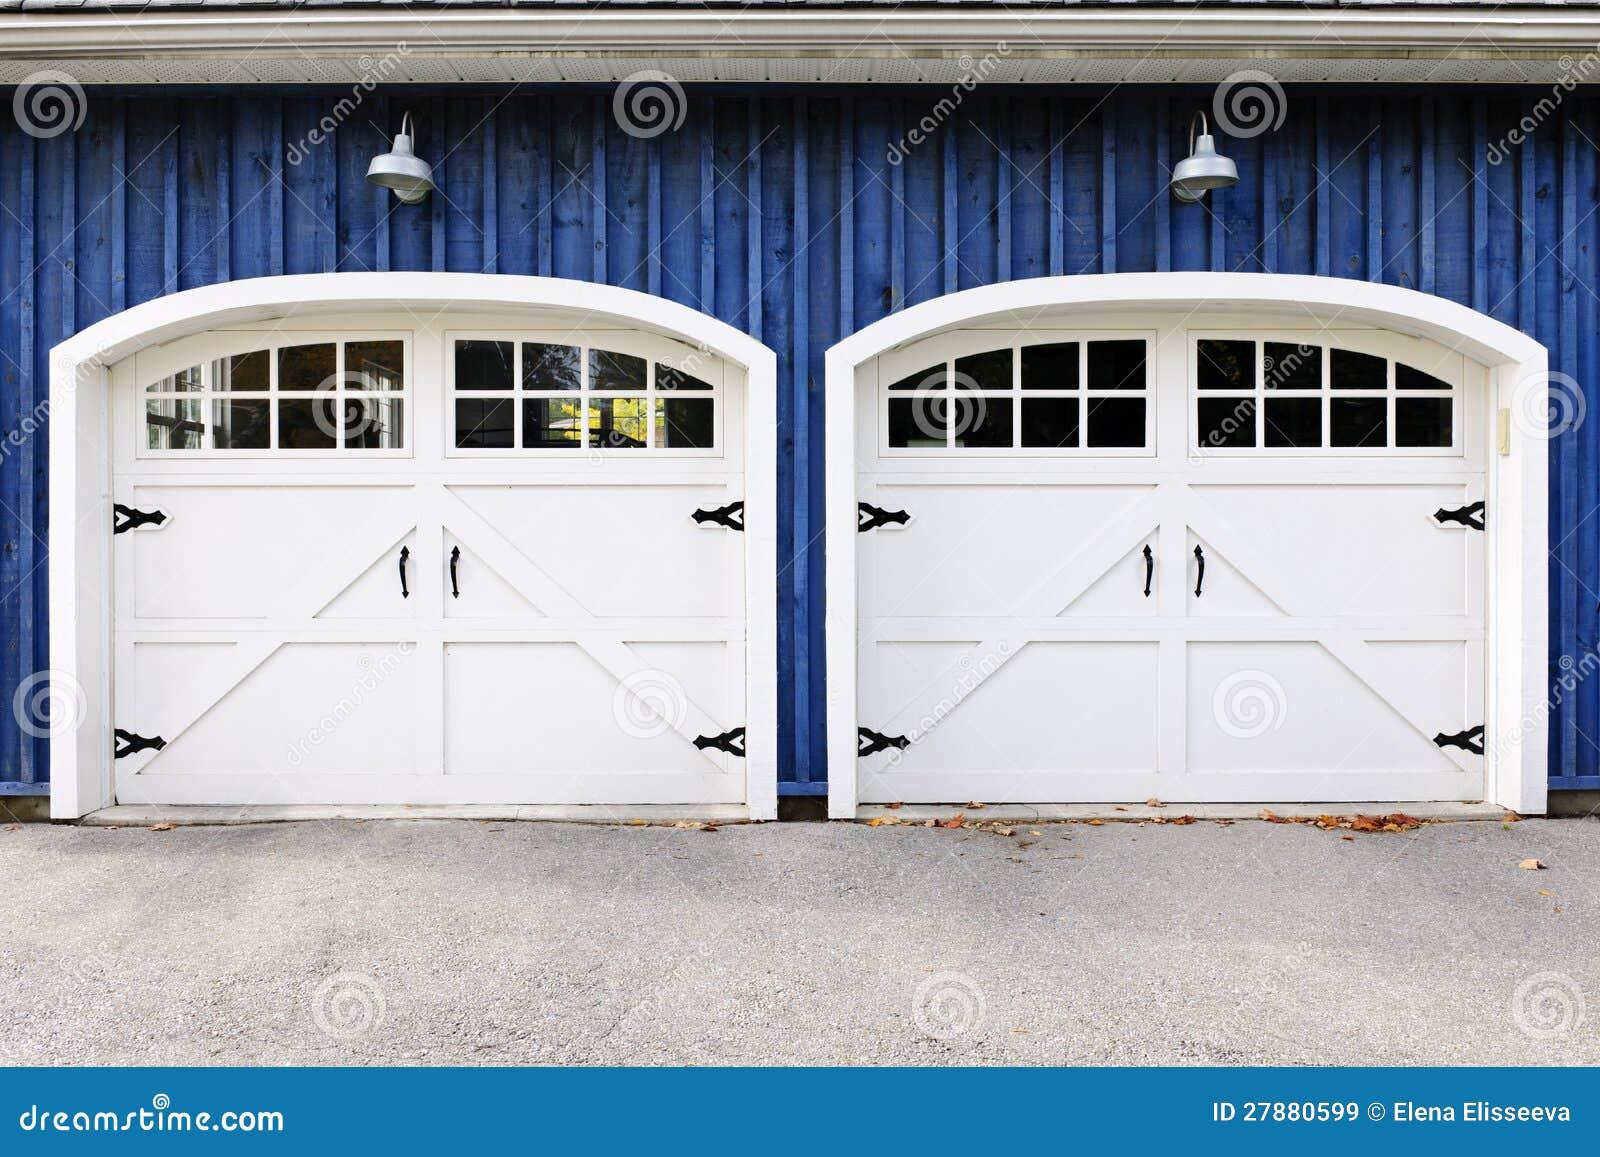 double garage doors with windows. royaltyfree stock photo download double garage doors with windows